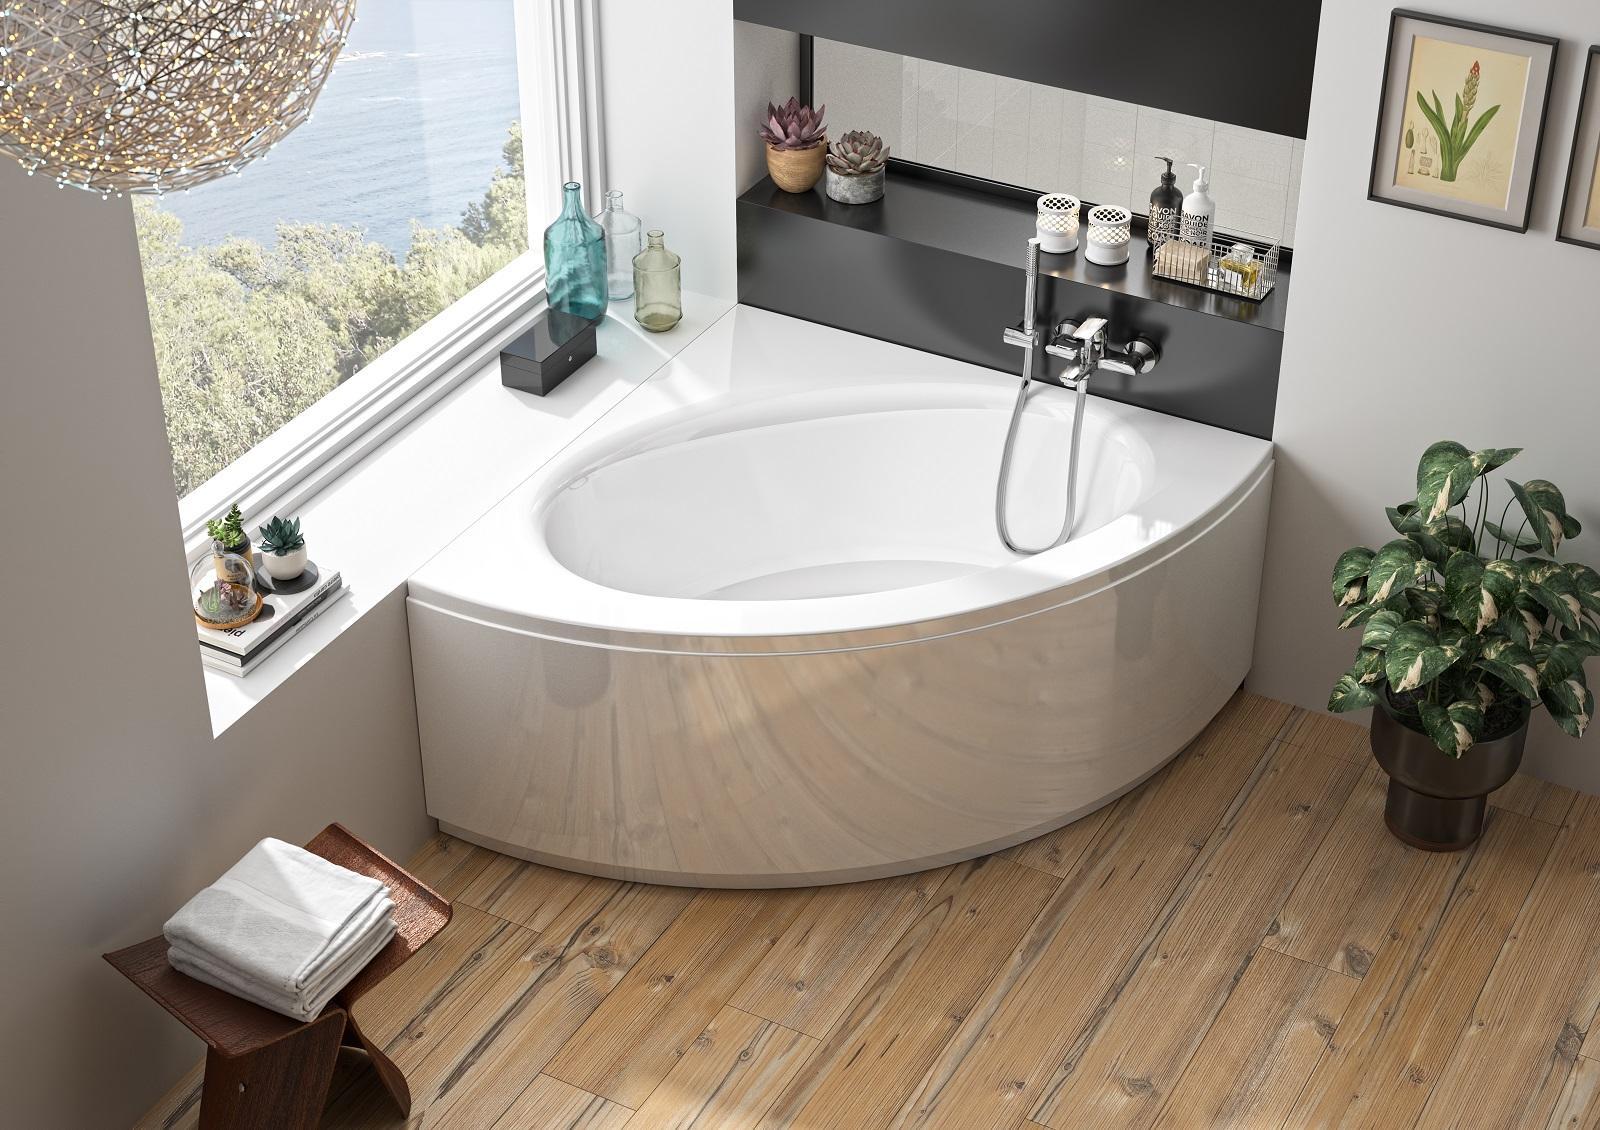 Vasca Da Bagno Misure Standard per il vero relax, scegli la vasca da bagno - cose di casa